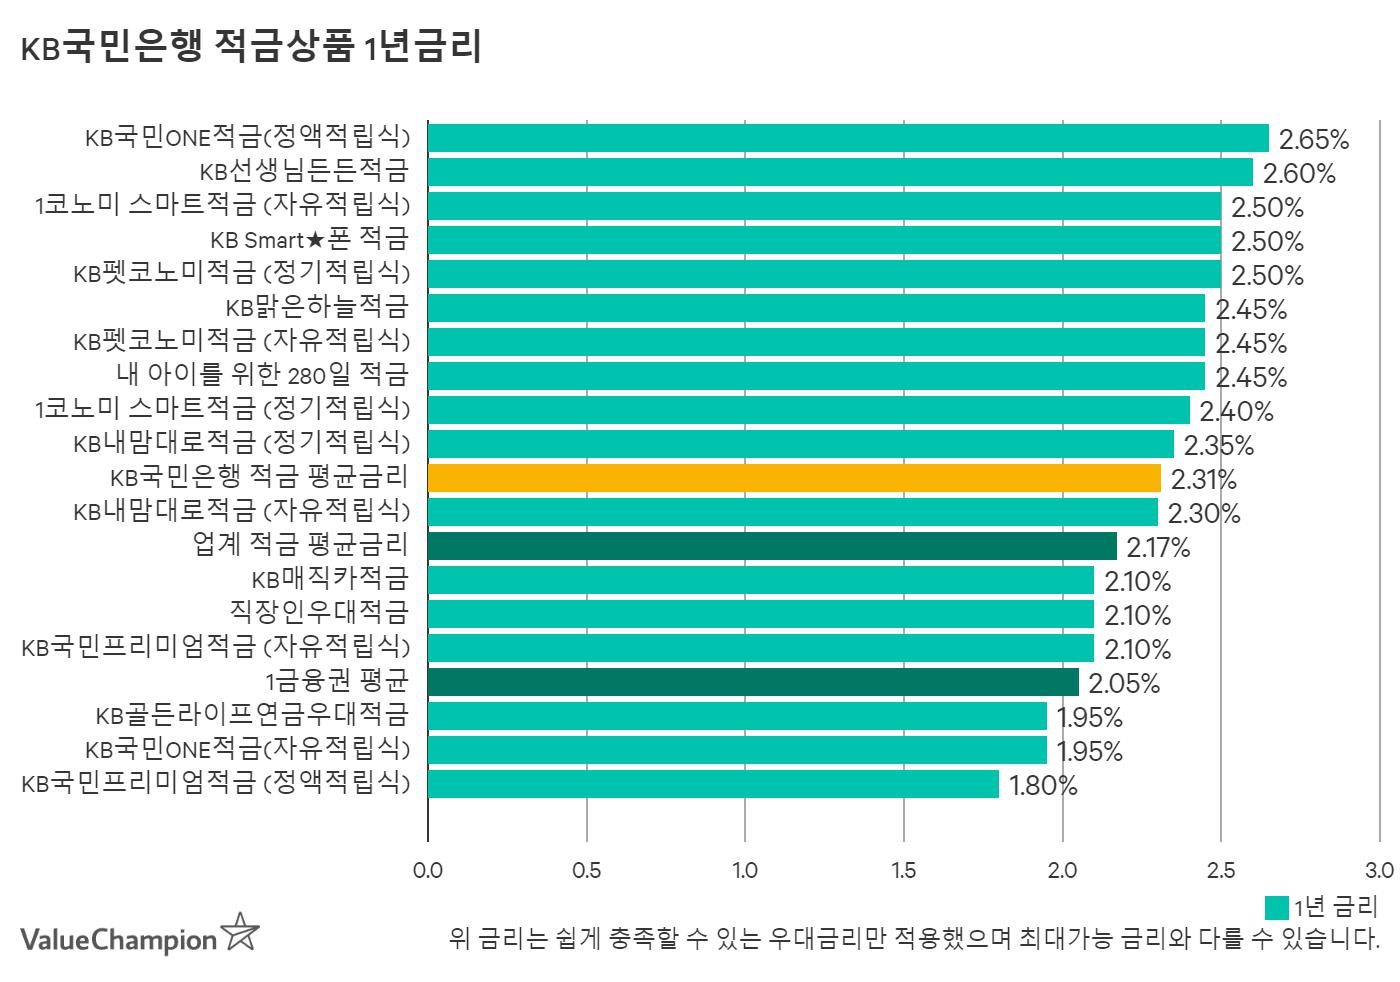 KB국민은행 적금상품별 1년금리